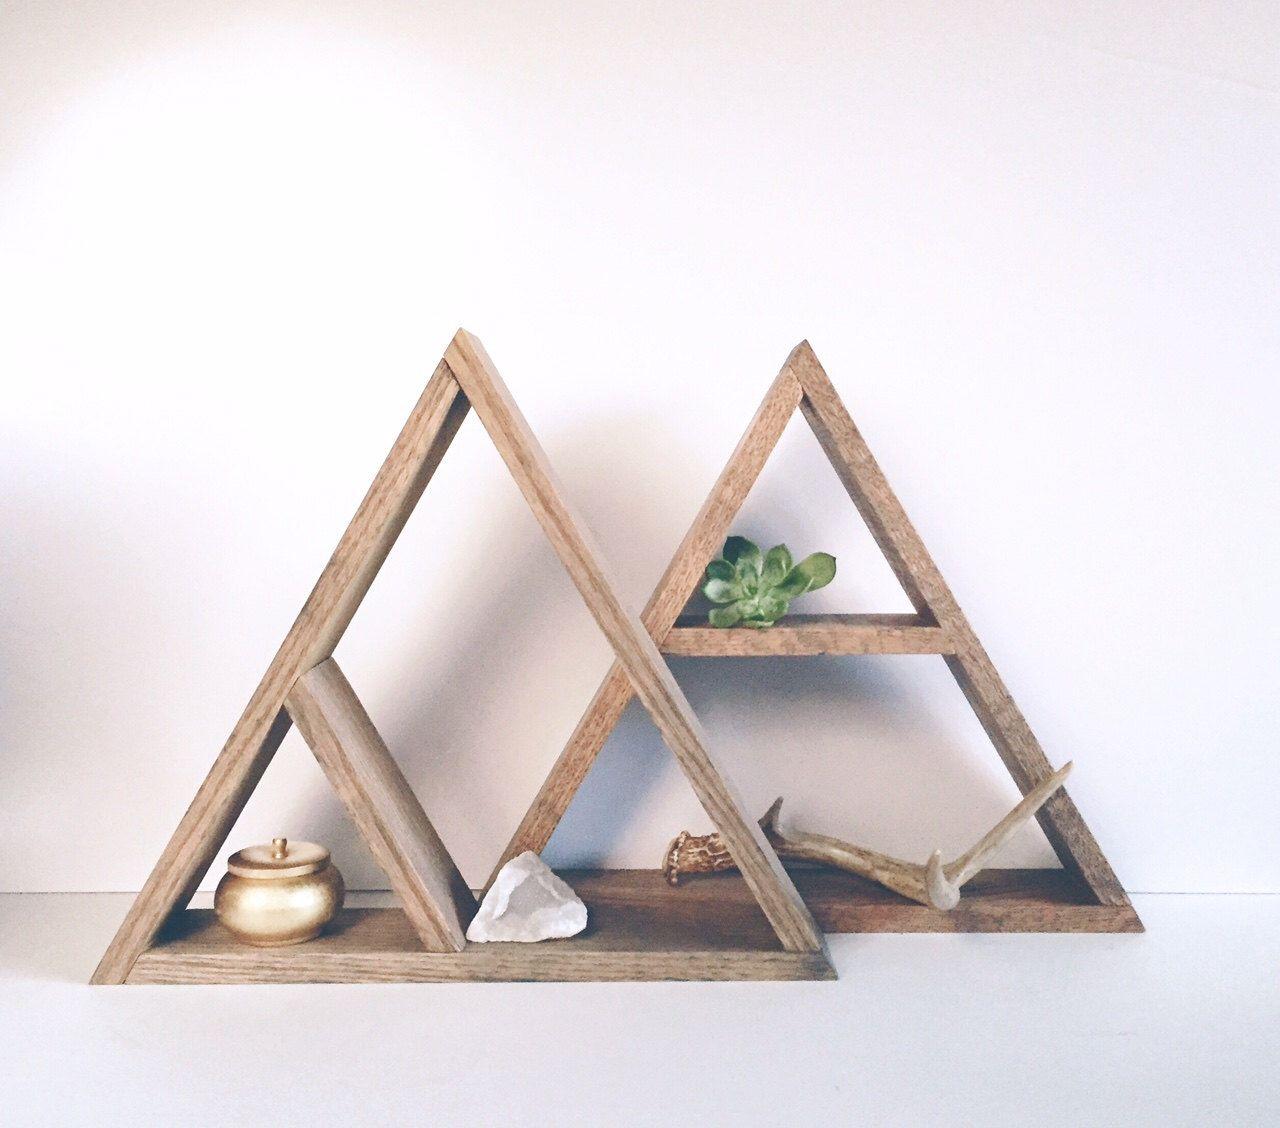 Hand stained triangle wood shelf home decor storage oak wood shelves modern shelving